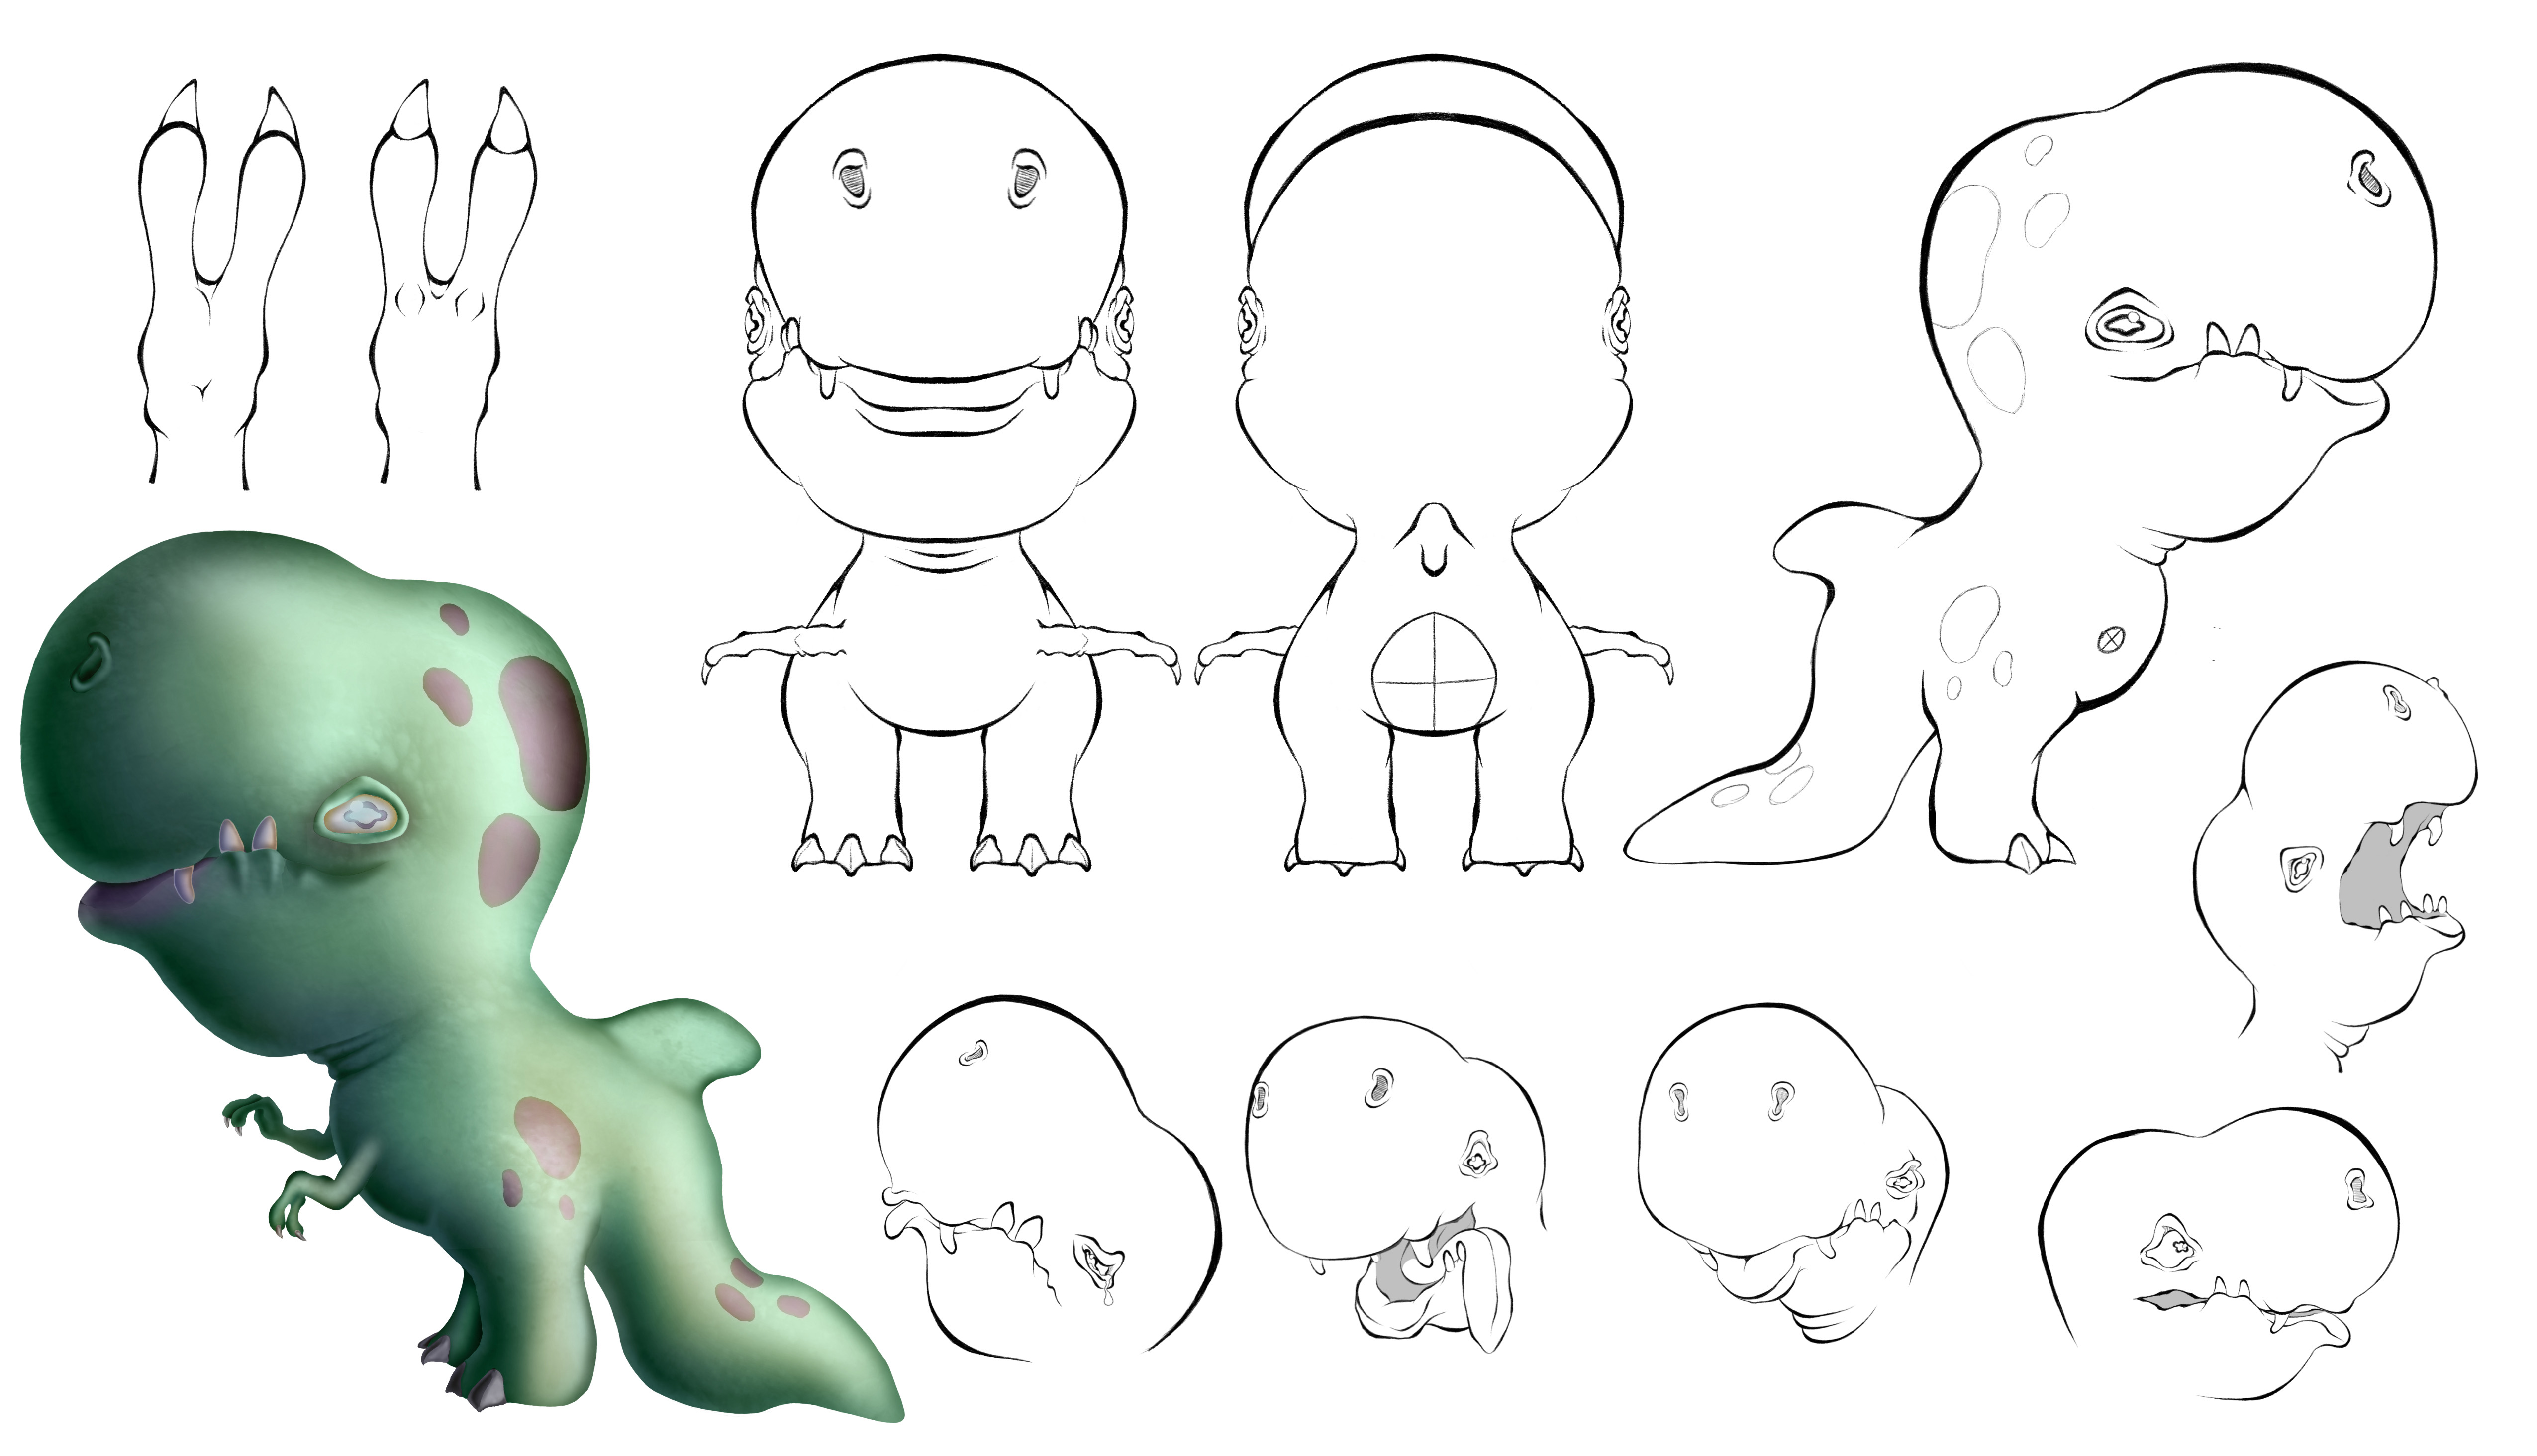 IsaacKuhn-Artwork-DinoModelSheet